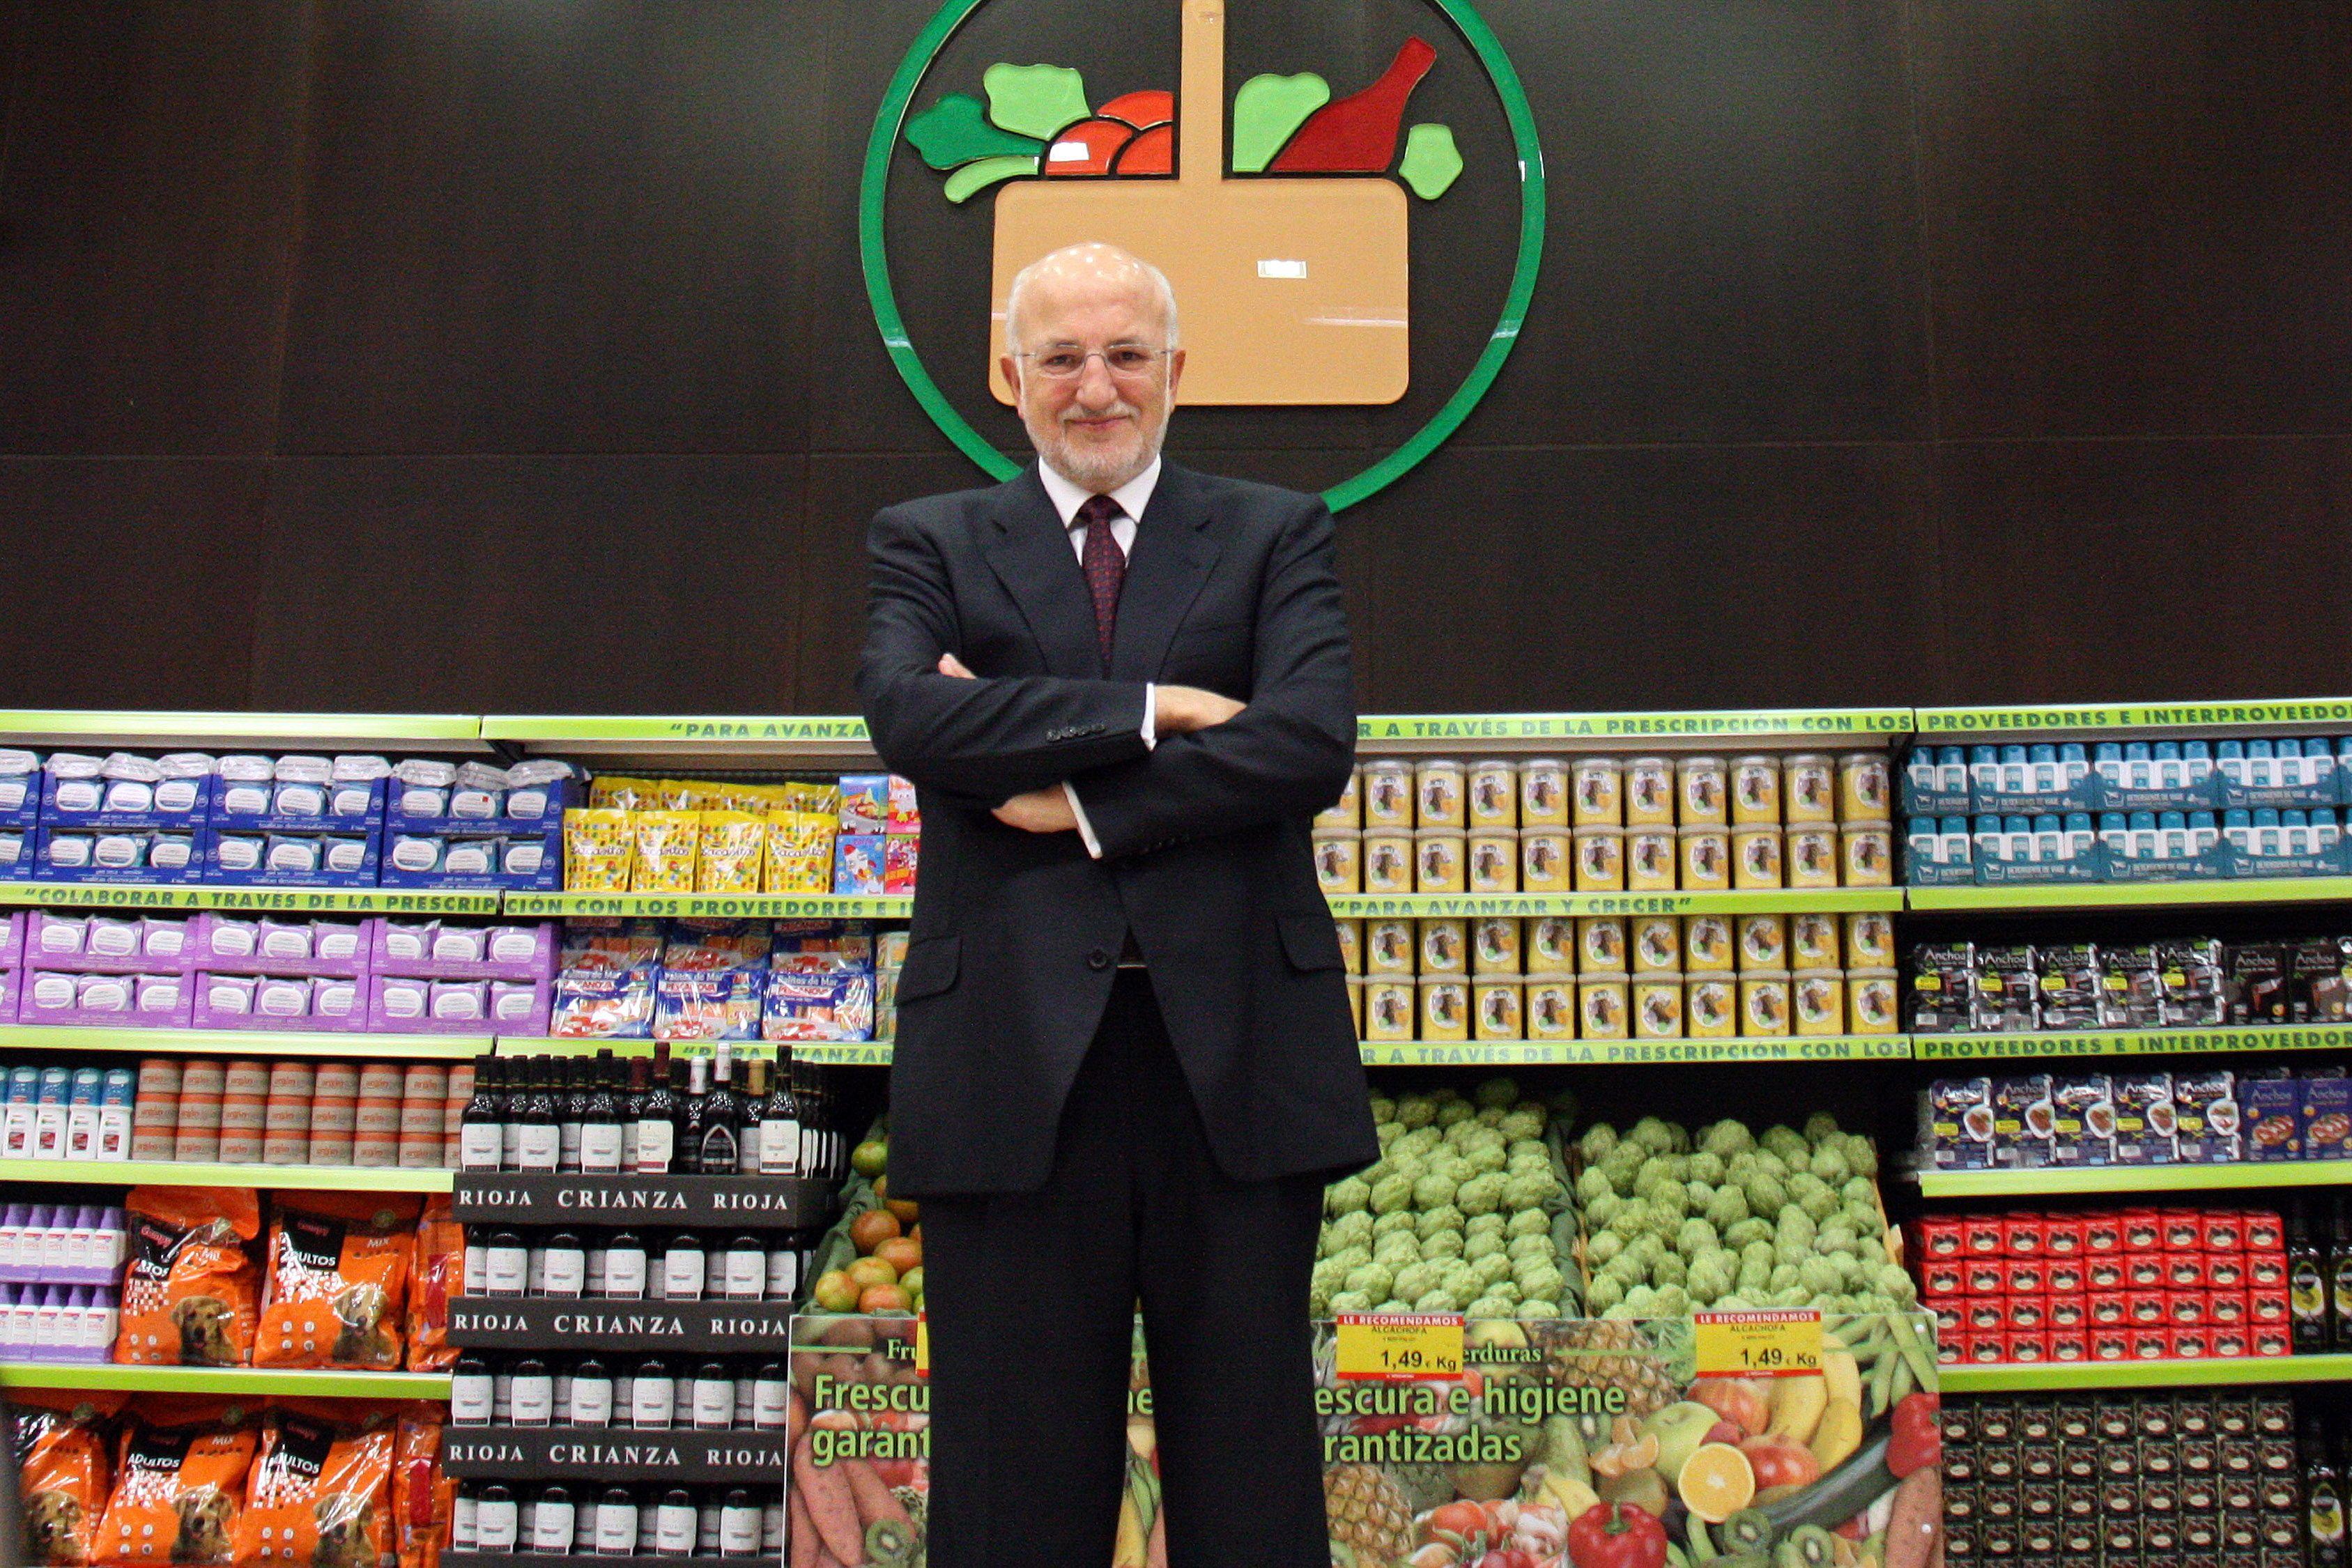 El presidente de Mercadona Juan Roig mantuvo su sueldo en cinco millones